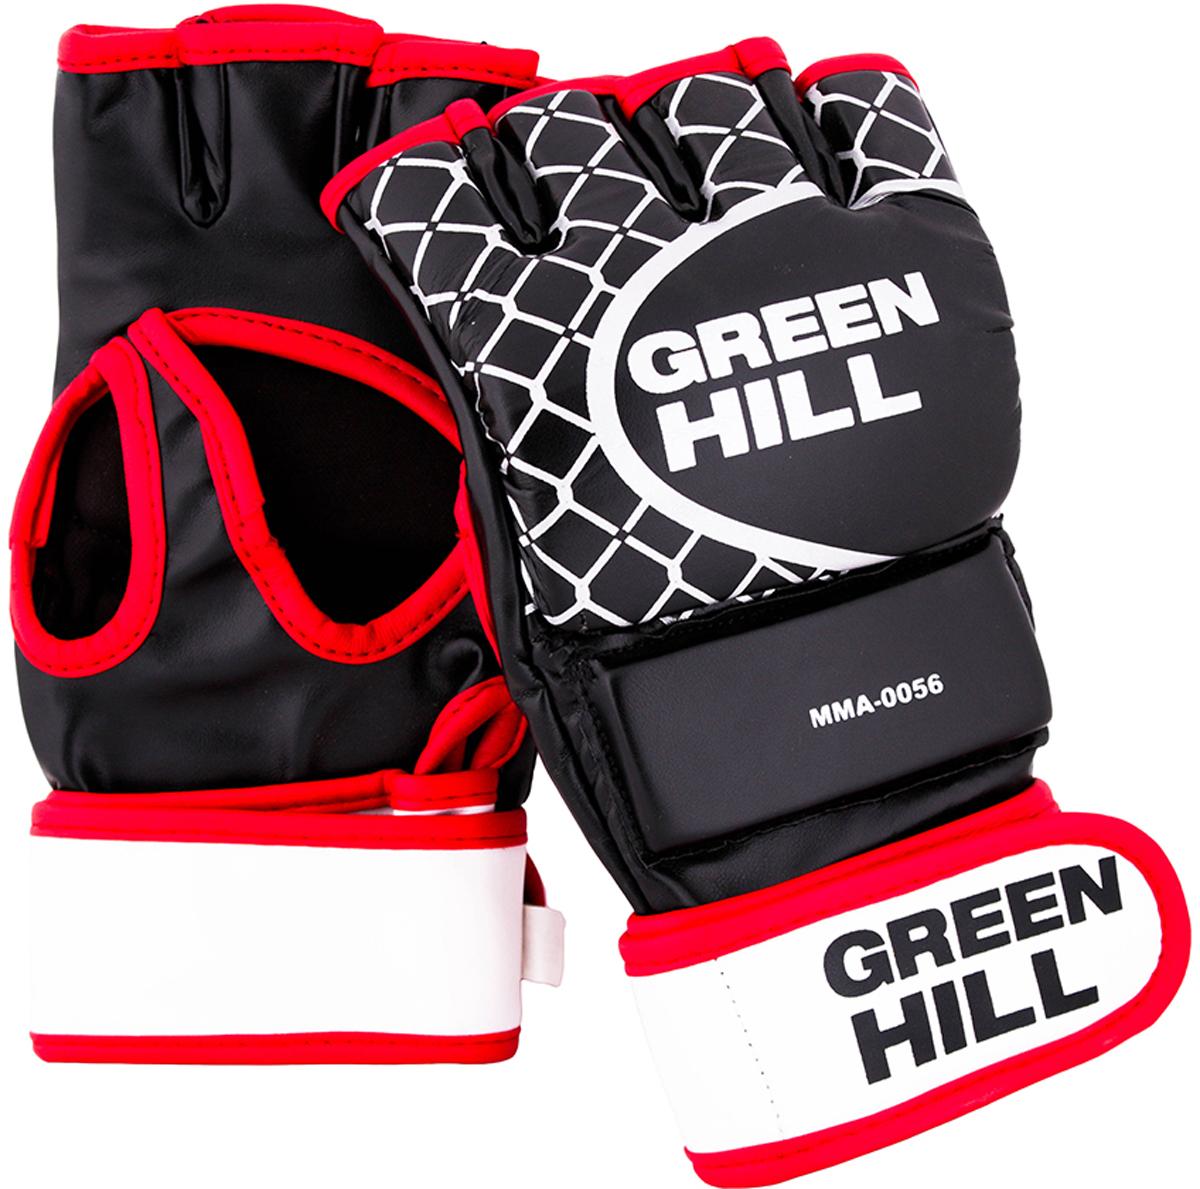 Перчатки для единоборств Green Hill  ММА , цвет: черный. MMA-0056. Размер M - Единоборства